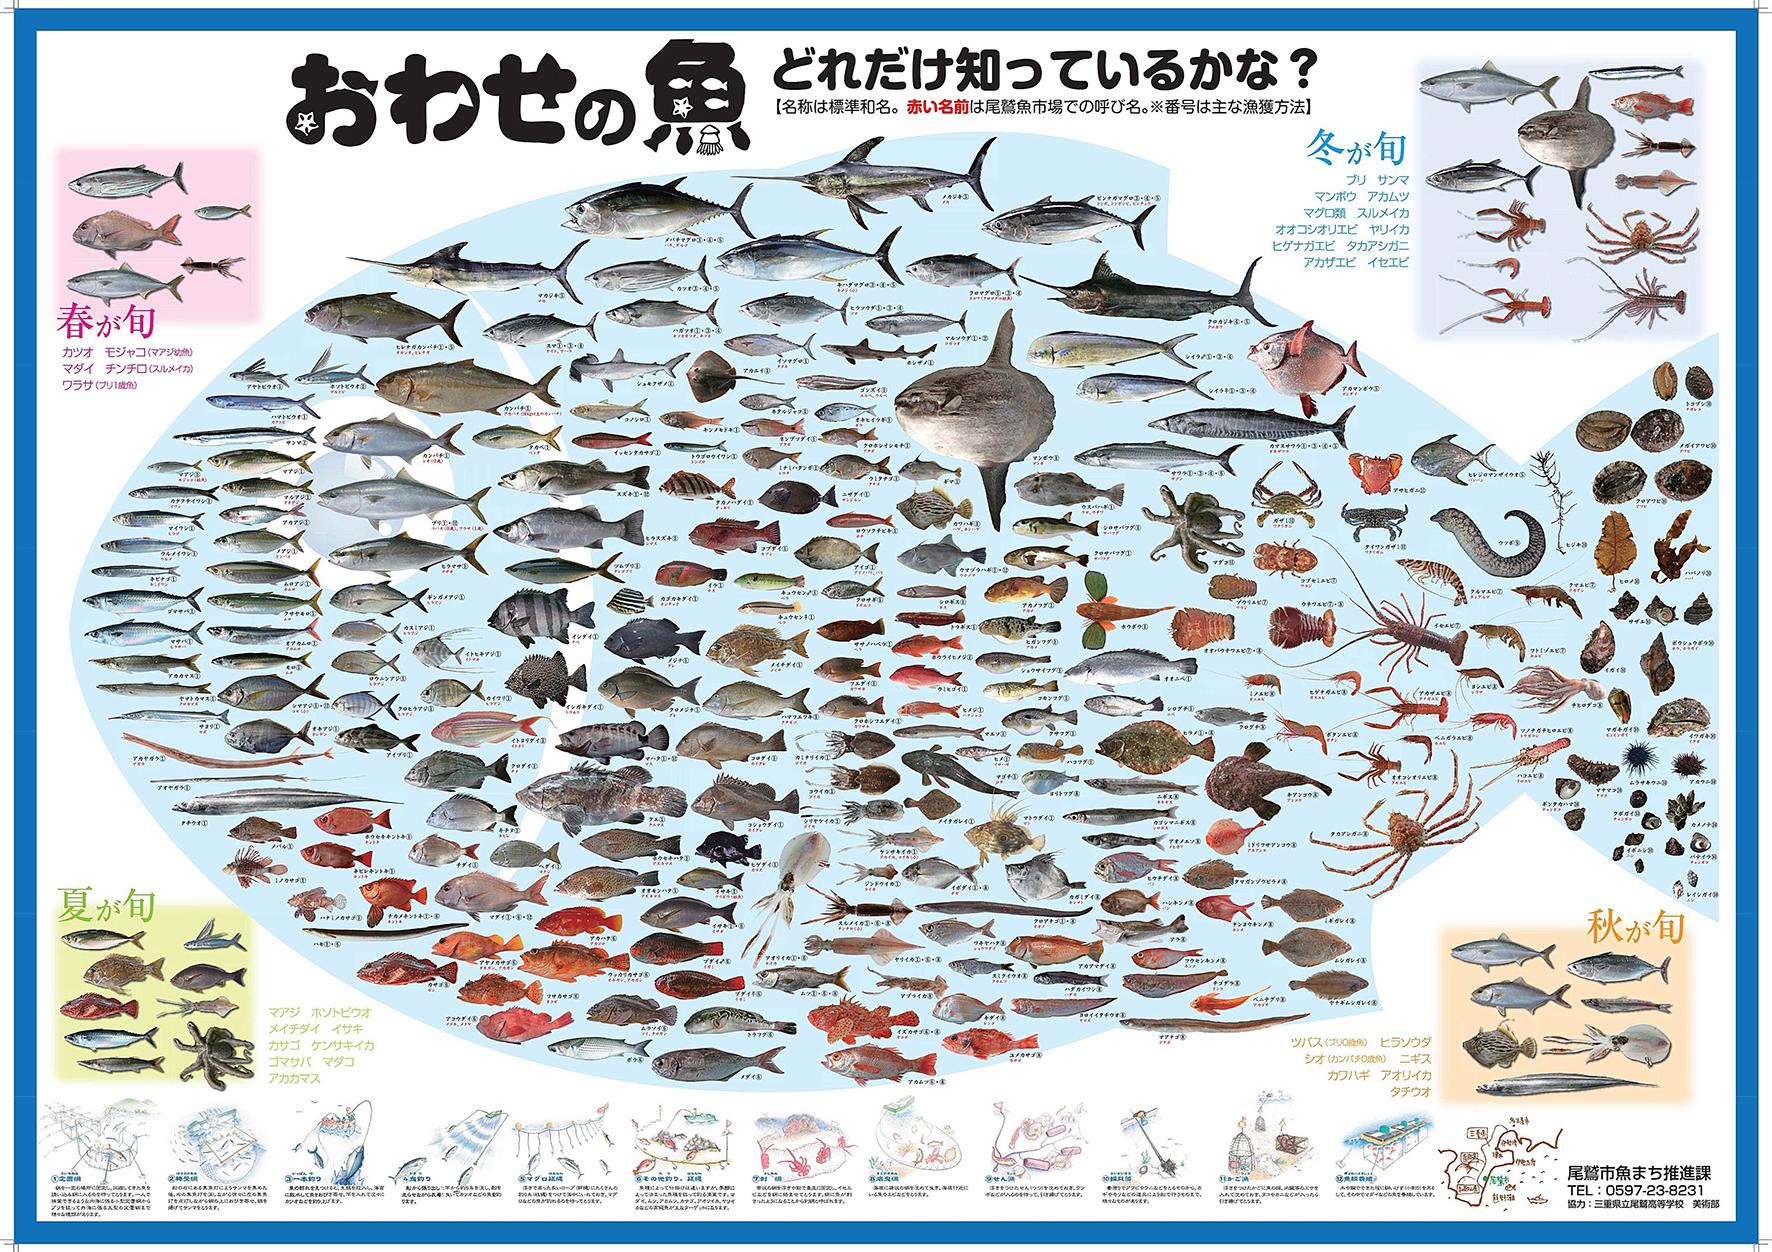 おわせの魚 どれだけ知っているかな?